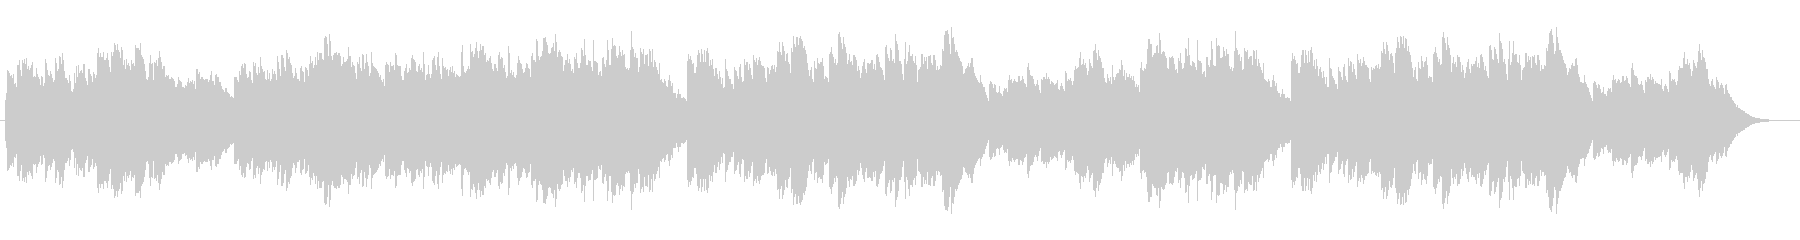 オルゴールのようなベルが優しいバラードの未再生の波形